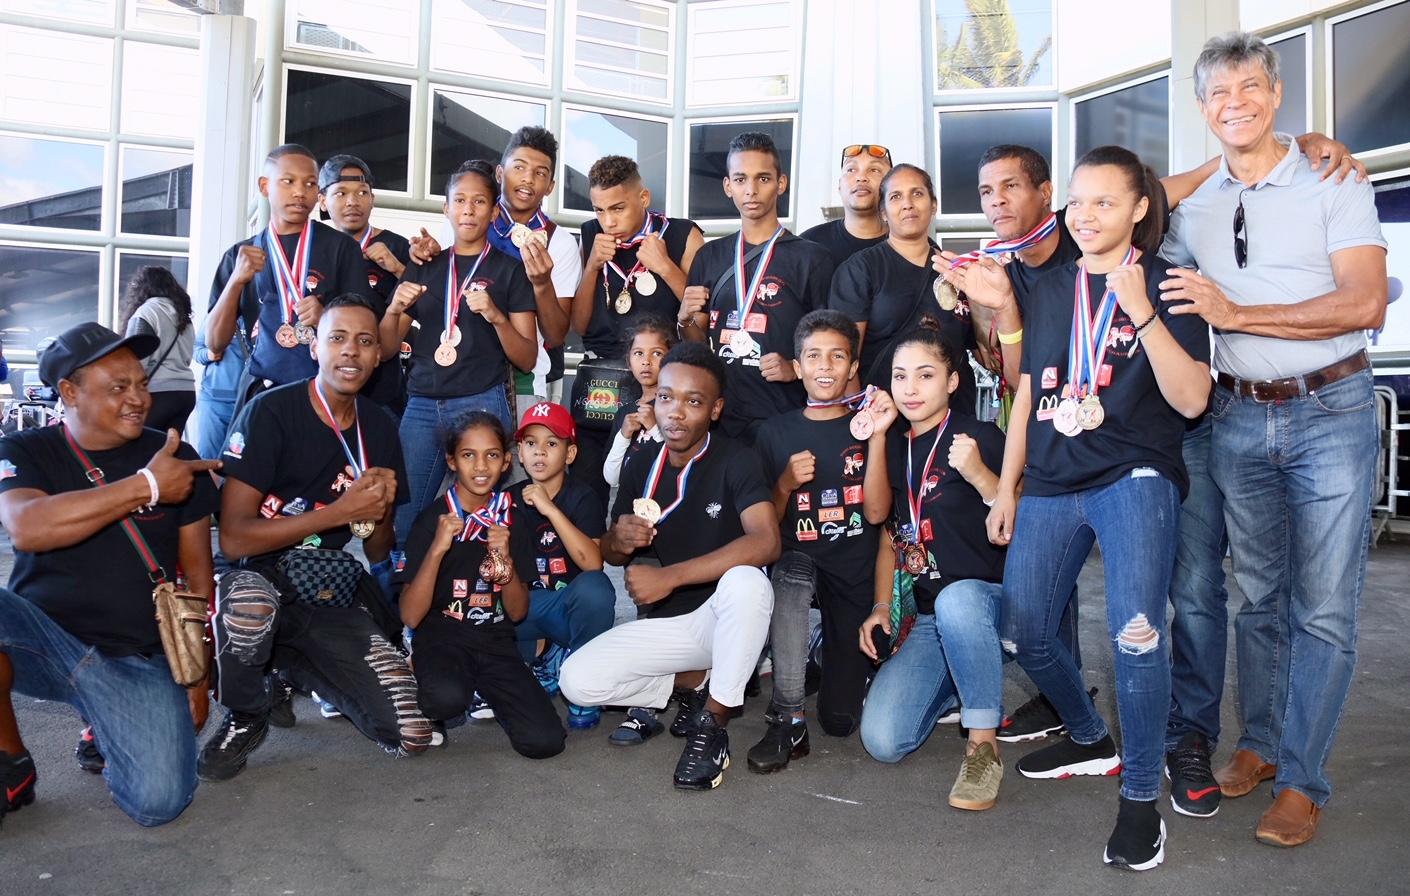 REUNION. Foison de médailles pour les jeunes du Kibio Boxing Club du Chaudron aux Championnats de France 25 médailles dont 8 en or